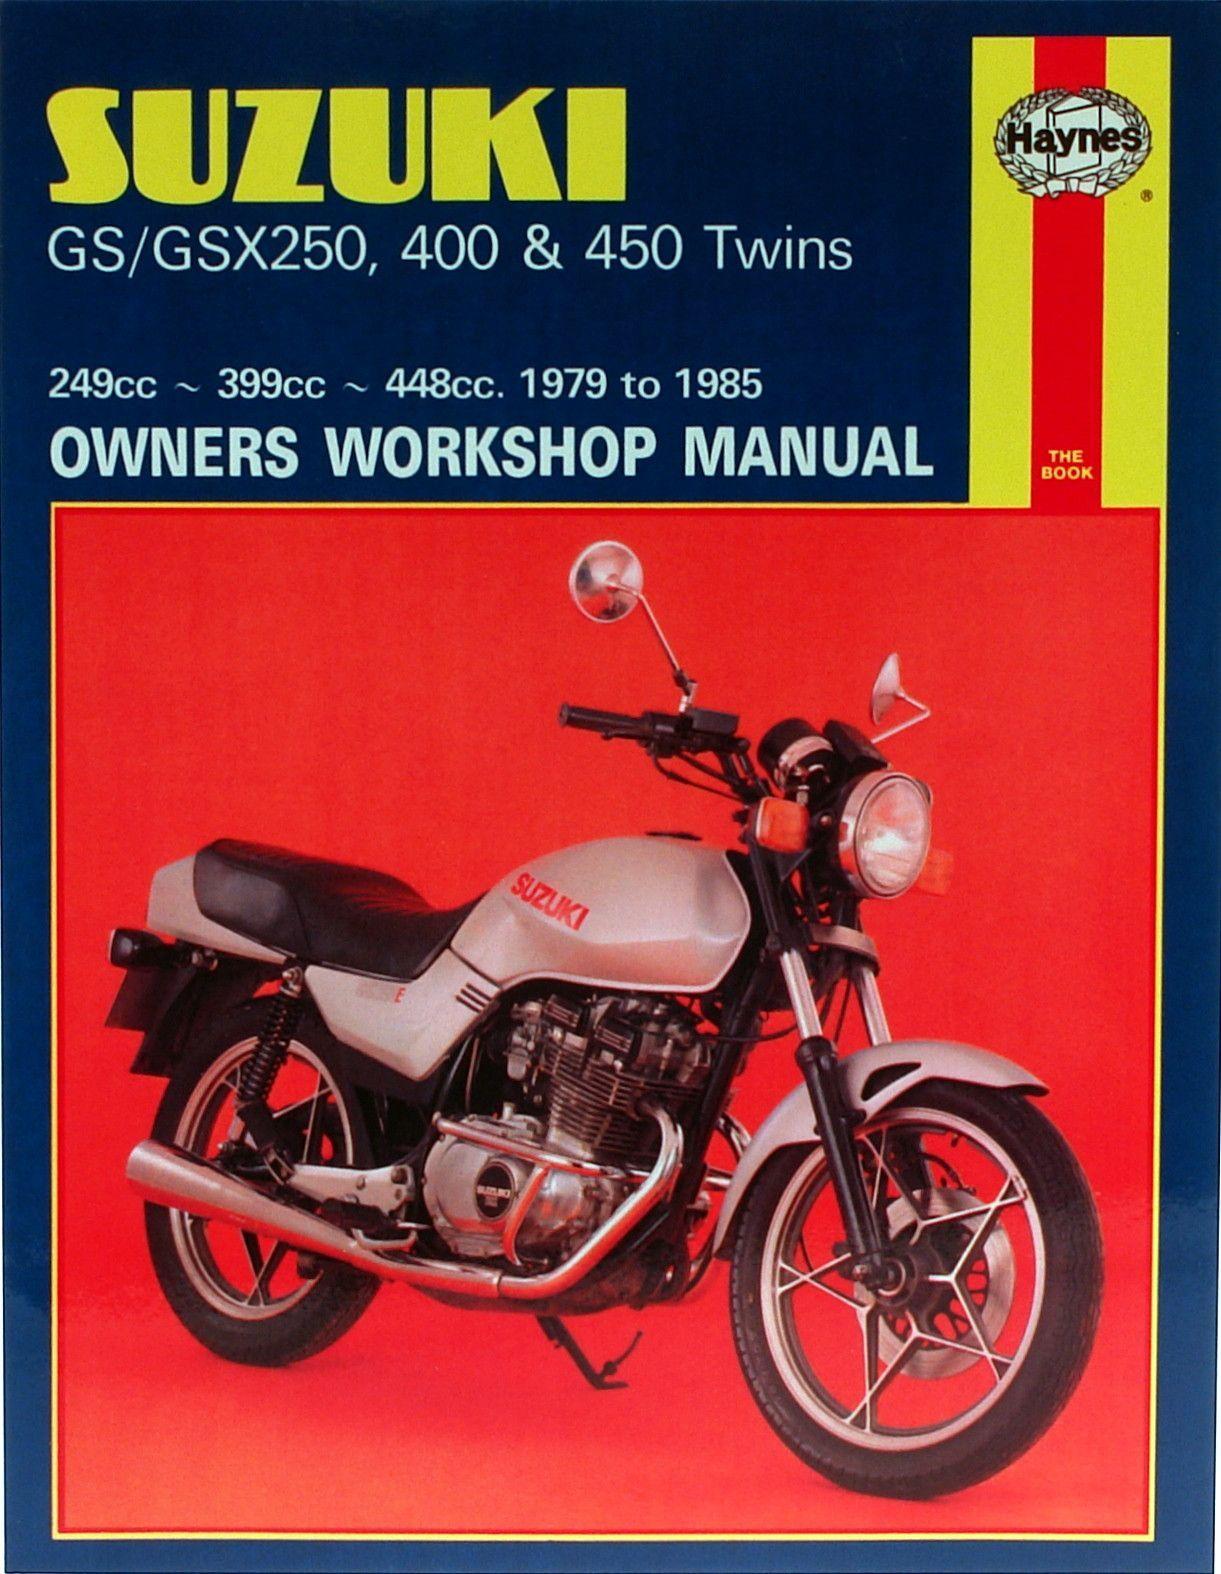 haynes m736 repair manual for suzuki gs250 gs450 twins suzuki gs rh pinterest com suzuki gs 650 service manual pdf 1982 suzuki gs 650 service manual pdf